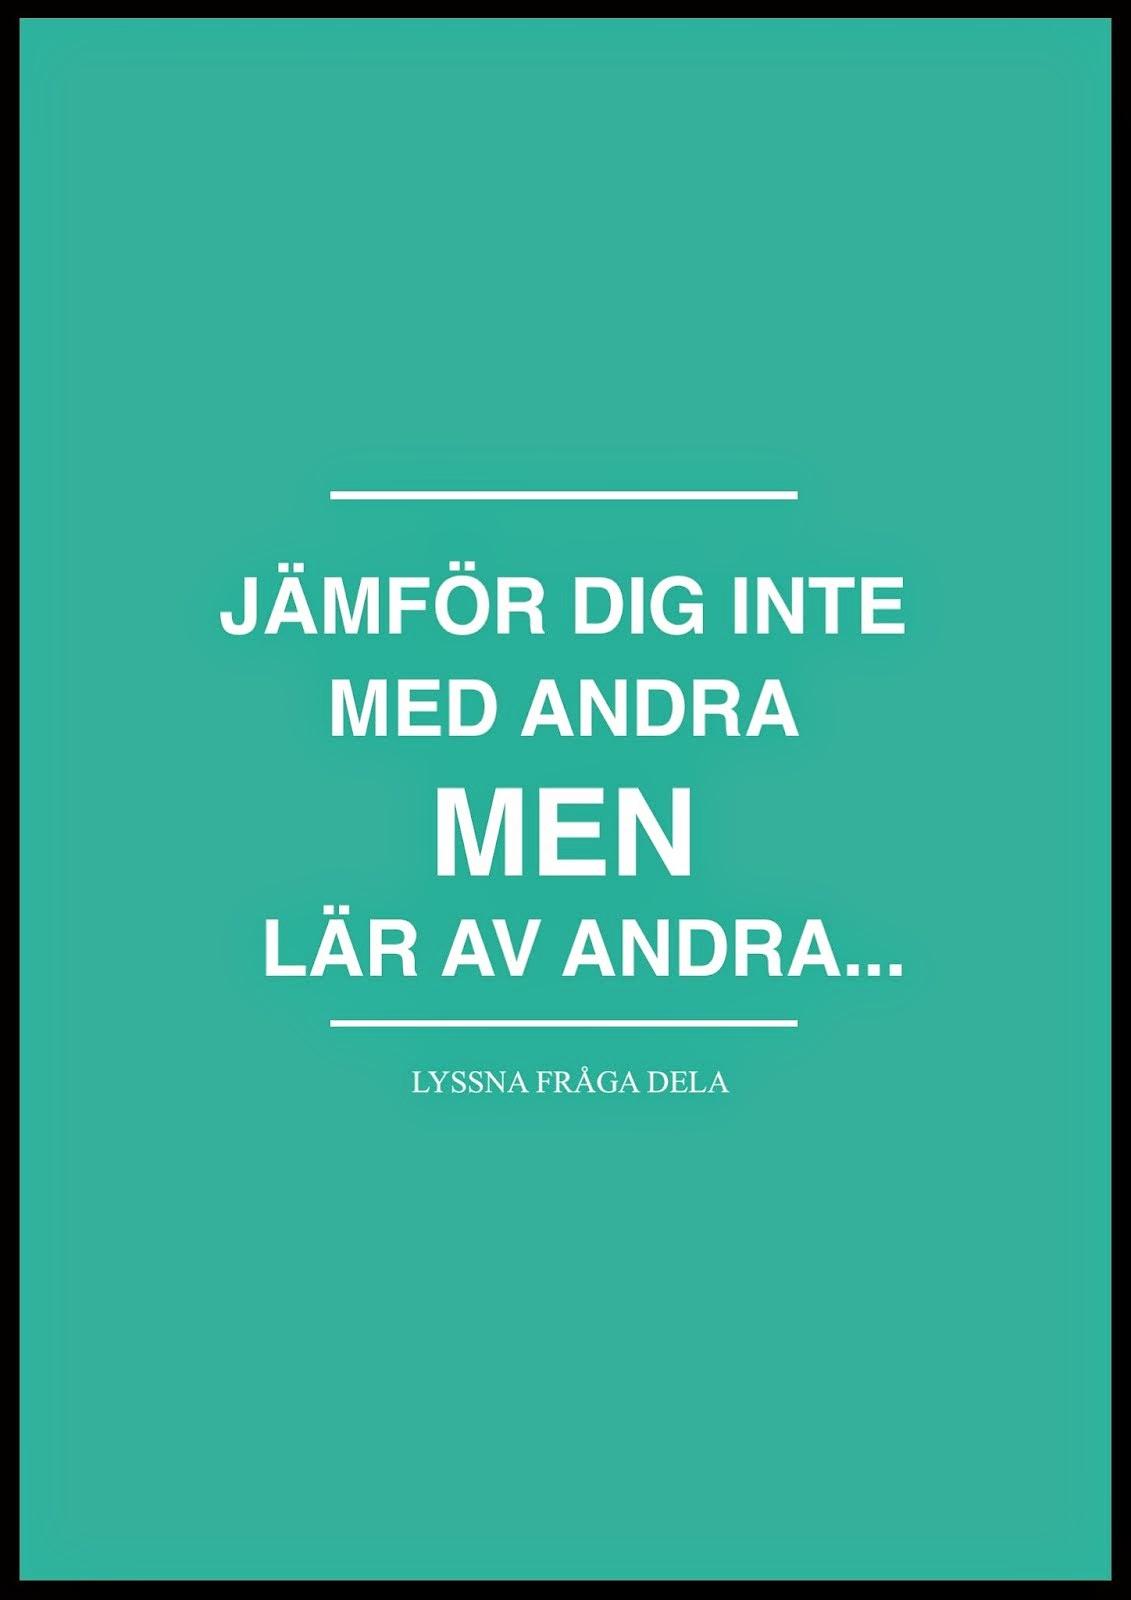 JÄMFÖR DIG INTE MED ANDRA...